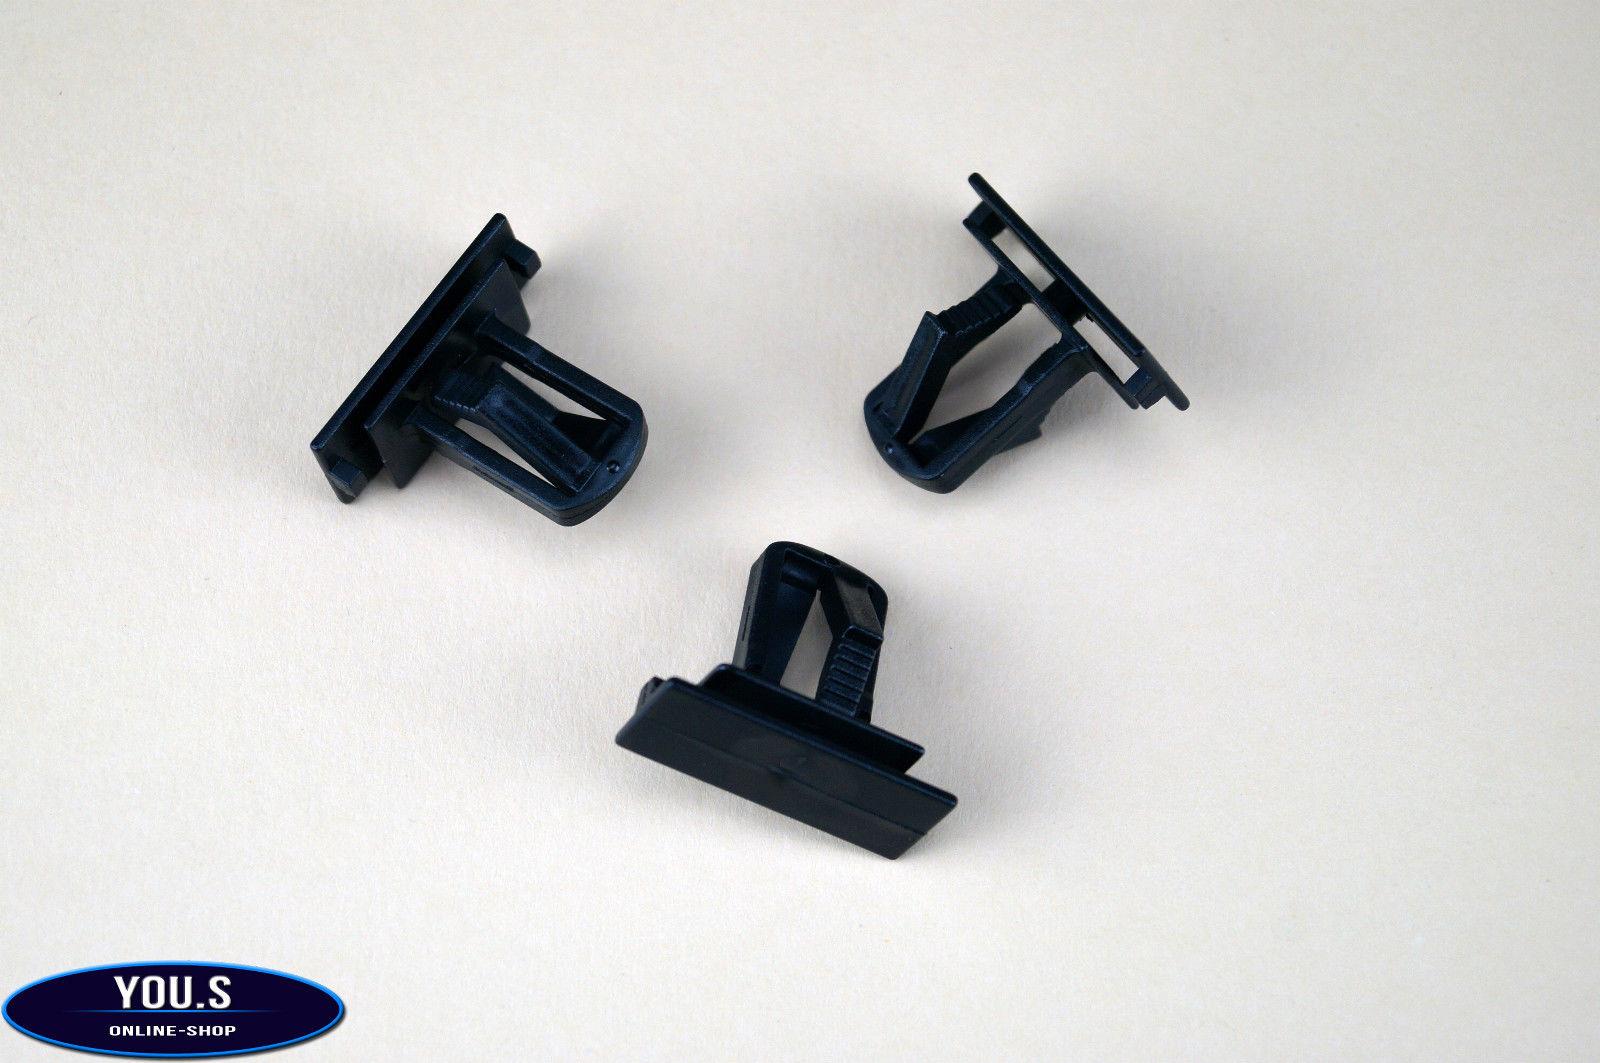 10x parachoques clip de fijación para jeep liberty Wrangler Cherokee 55156429aa